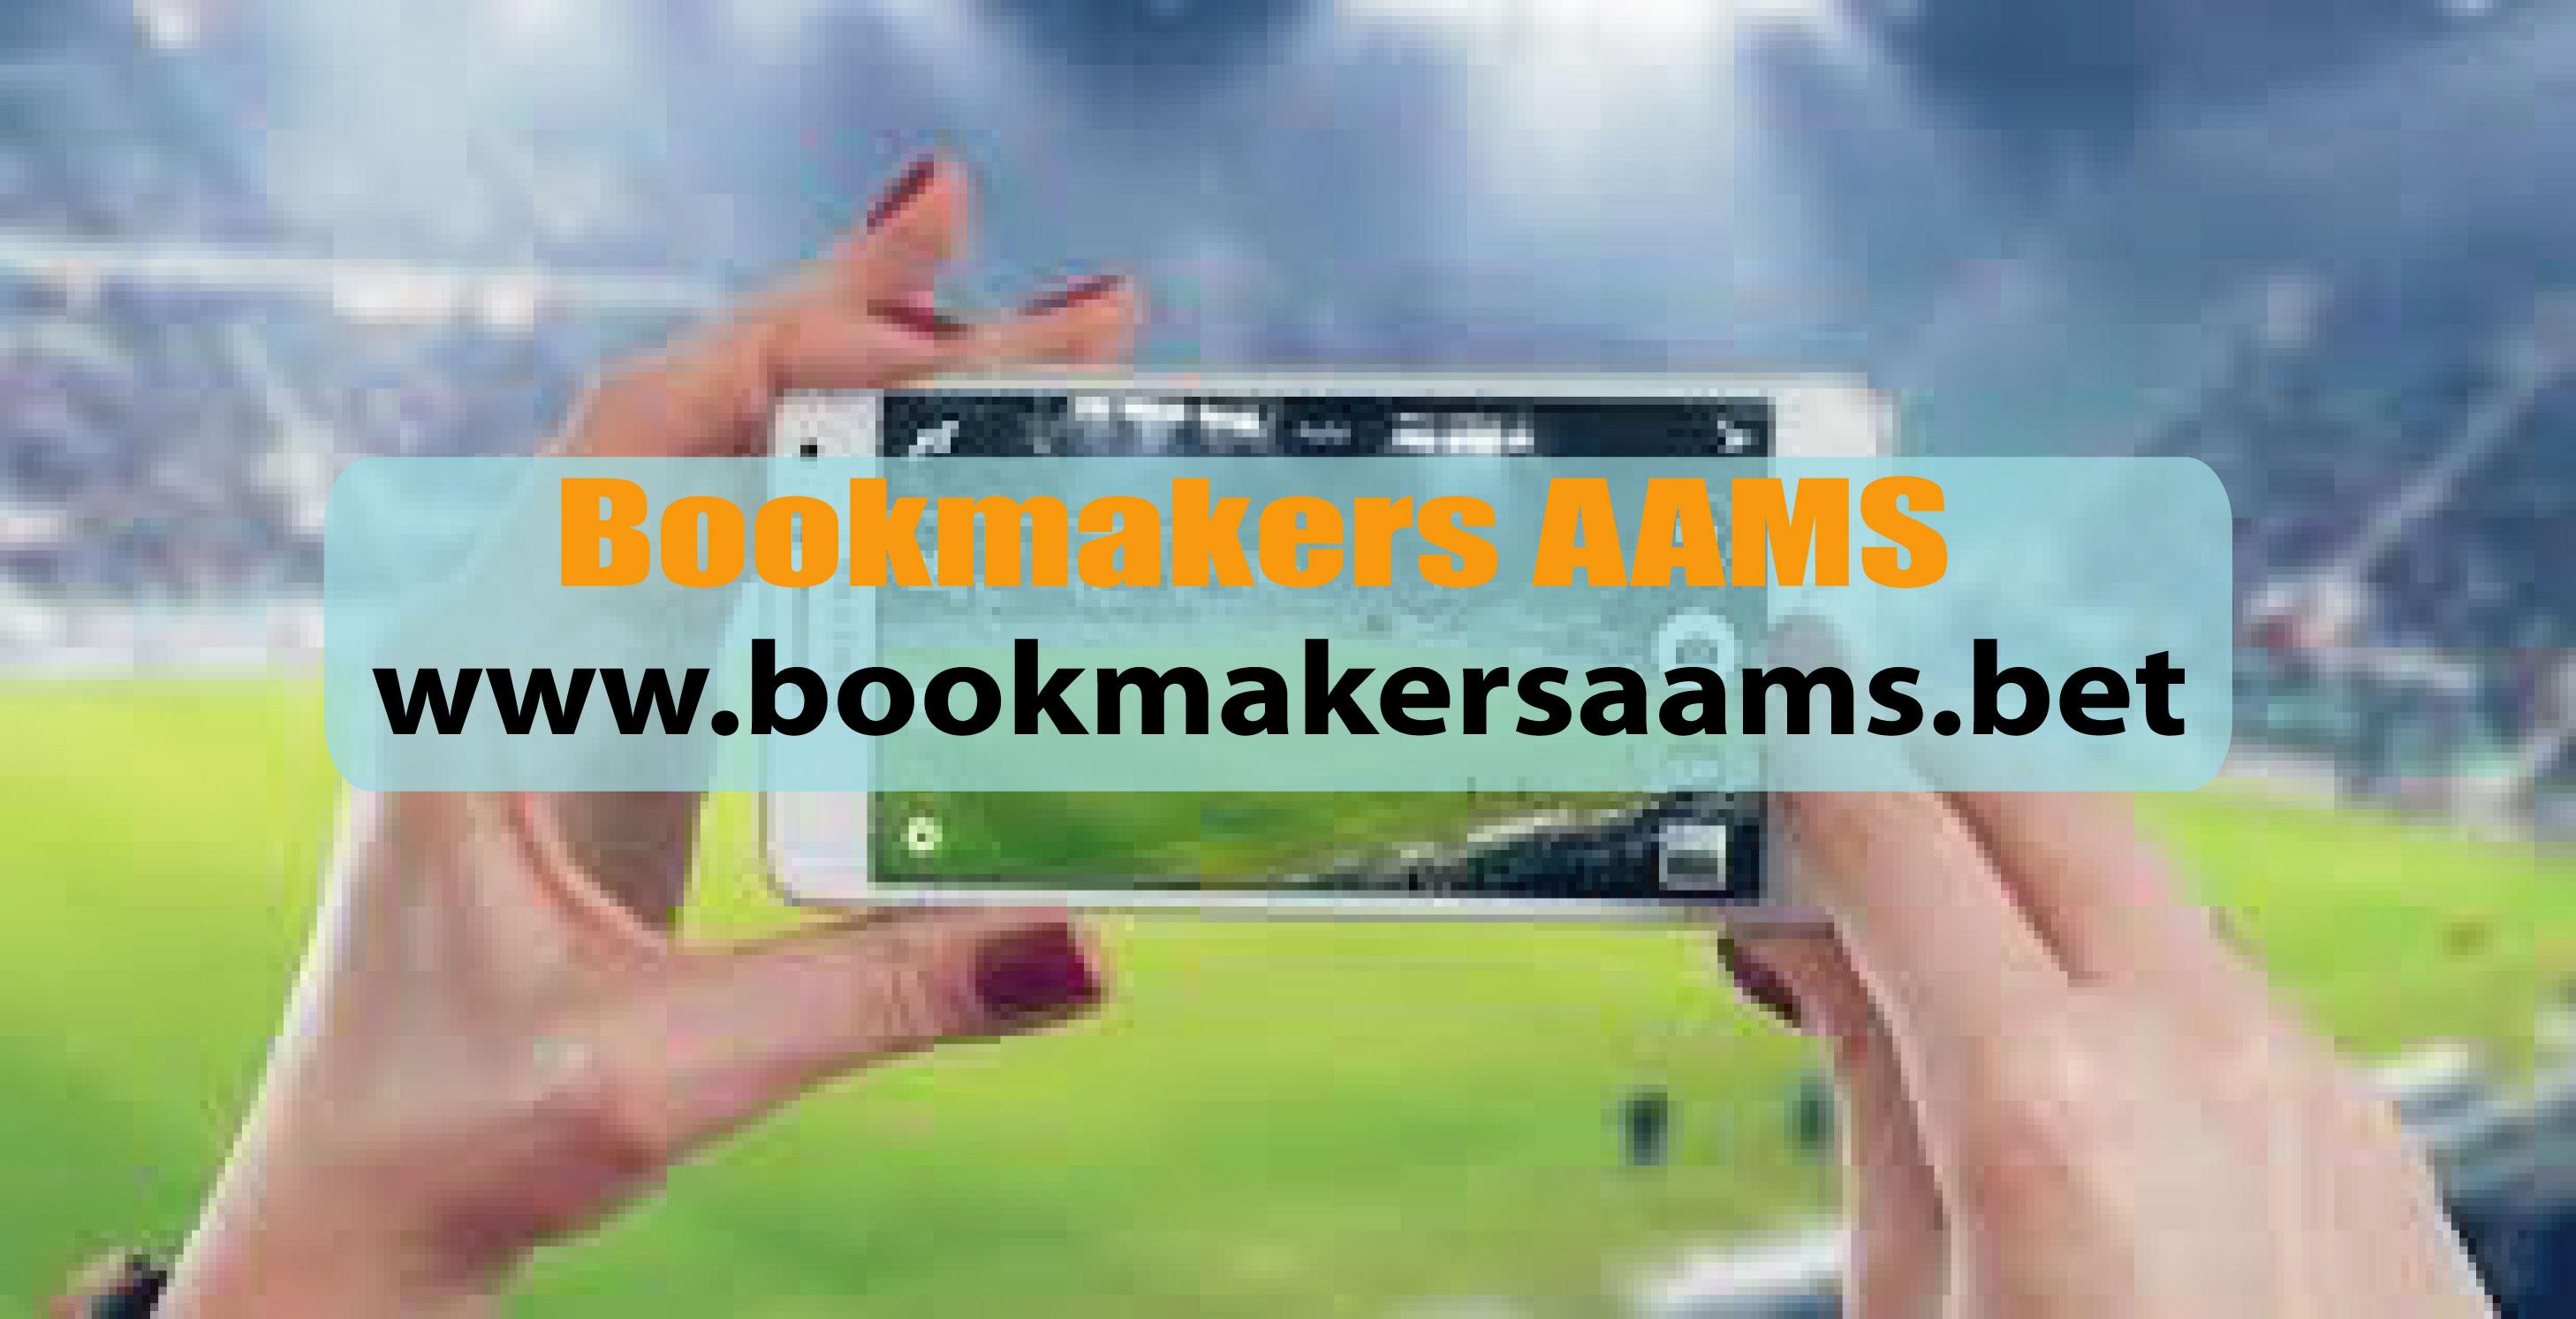 bookmakers aams_11.jpg